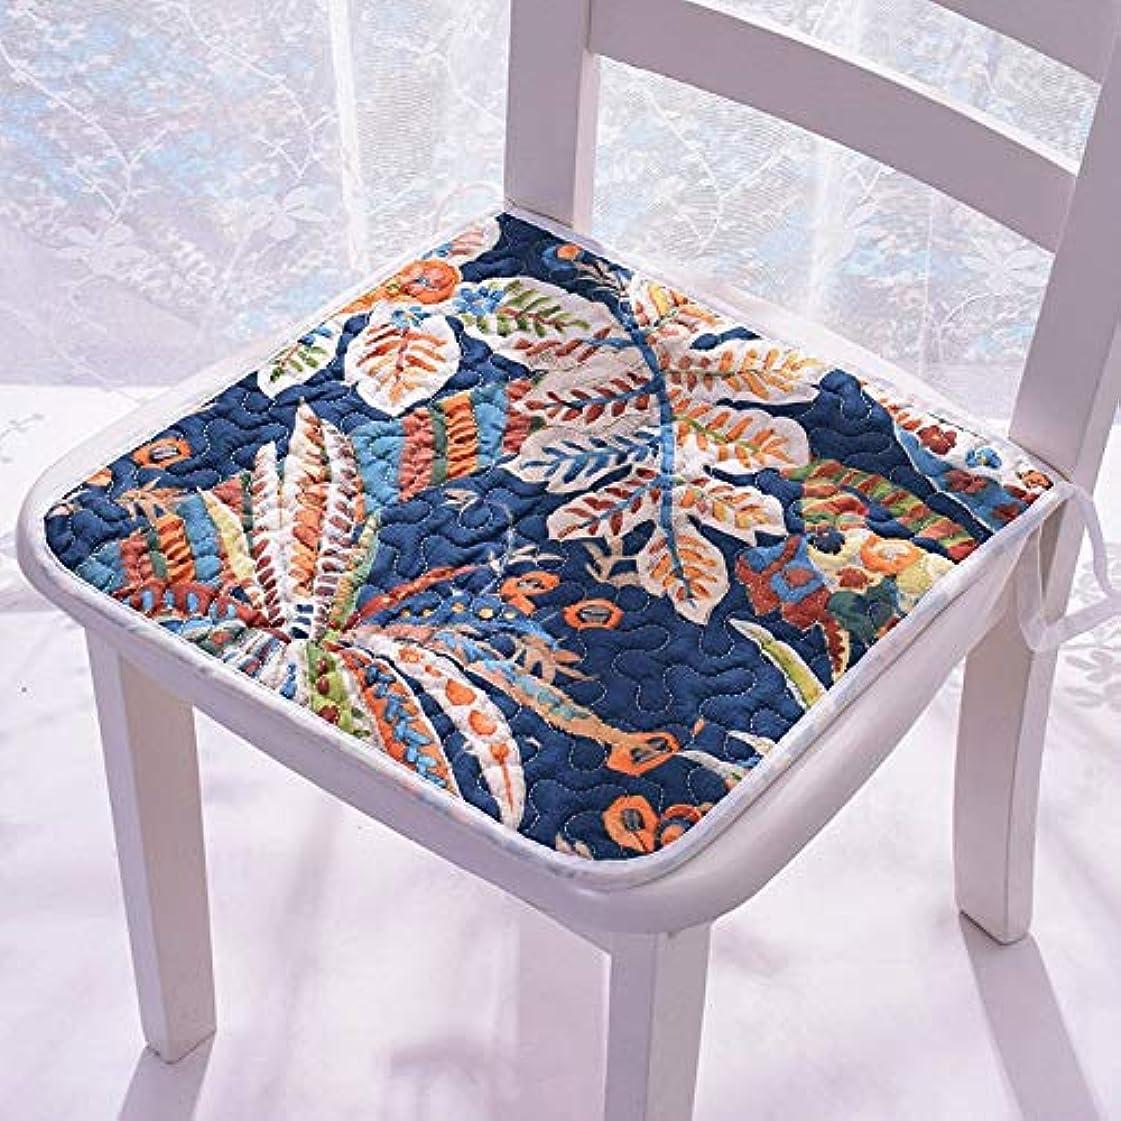 無人設計図端末LIFE 現代スーパーソフト椅子クッション非スリップシートクッションマットソファホームデコレーションバッククッションチェアパッド 40*40/45*45/50*50 センチメートル クッション 椅子